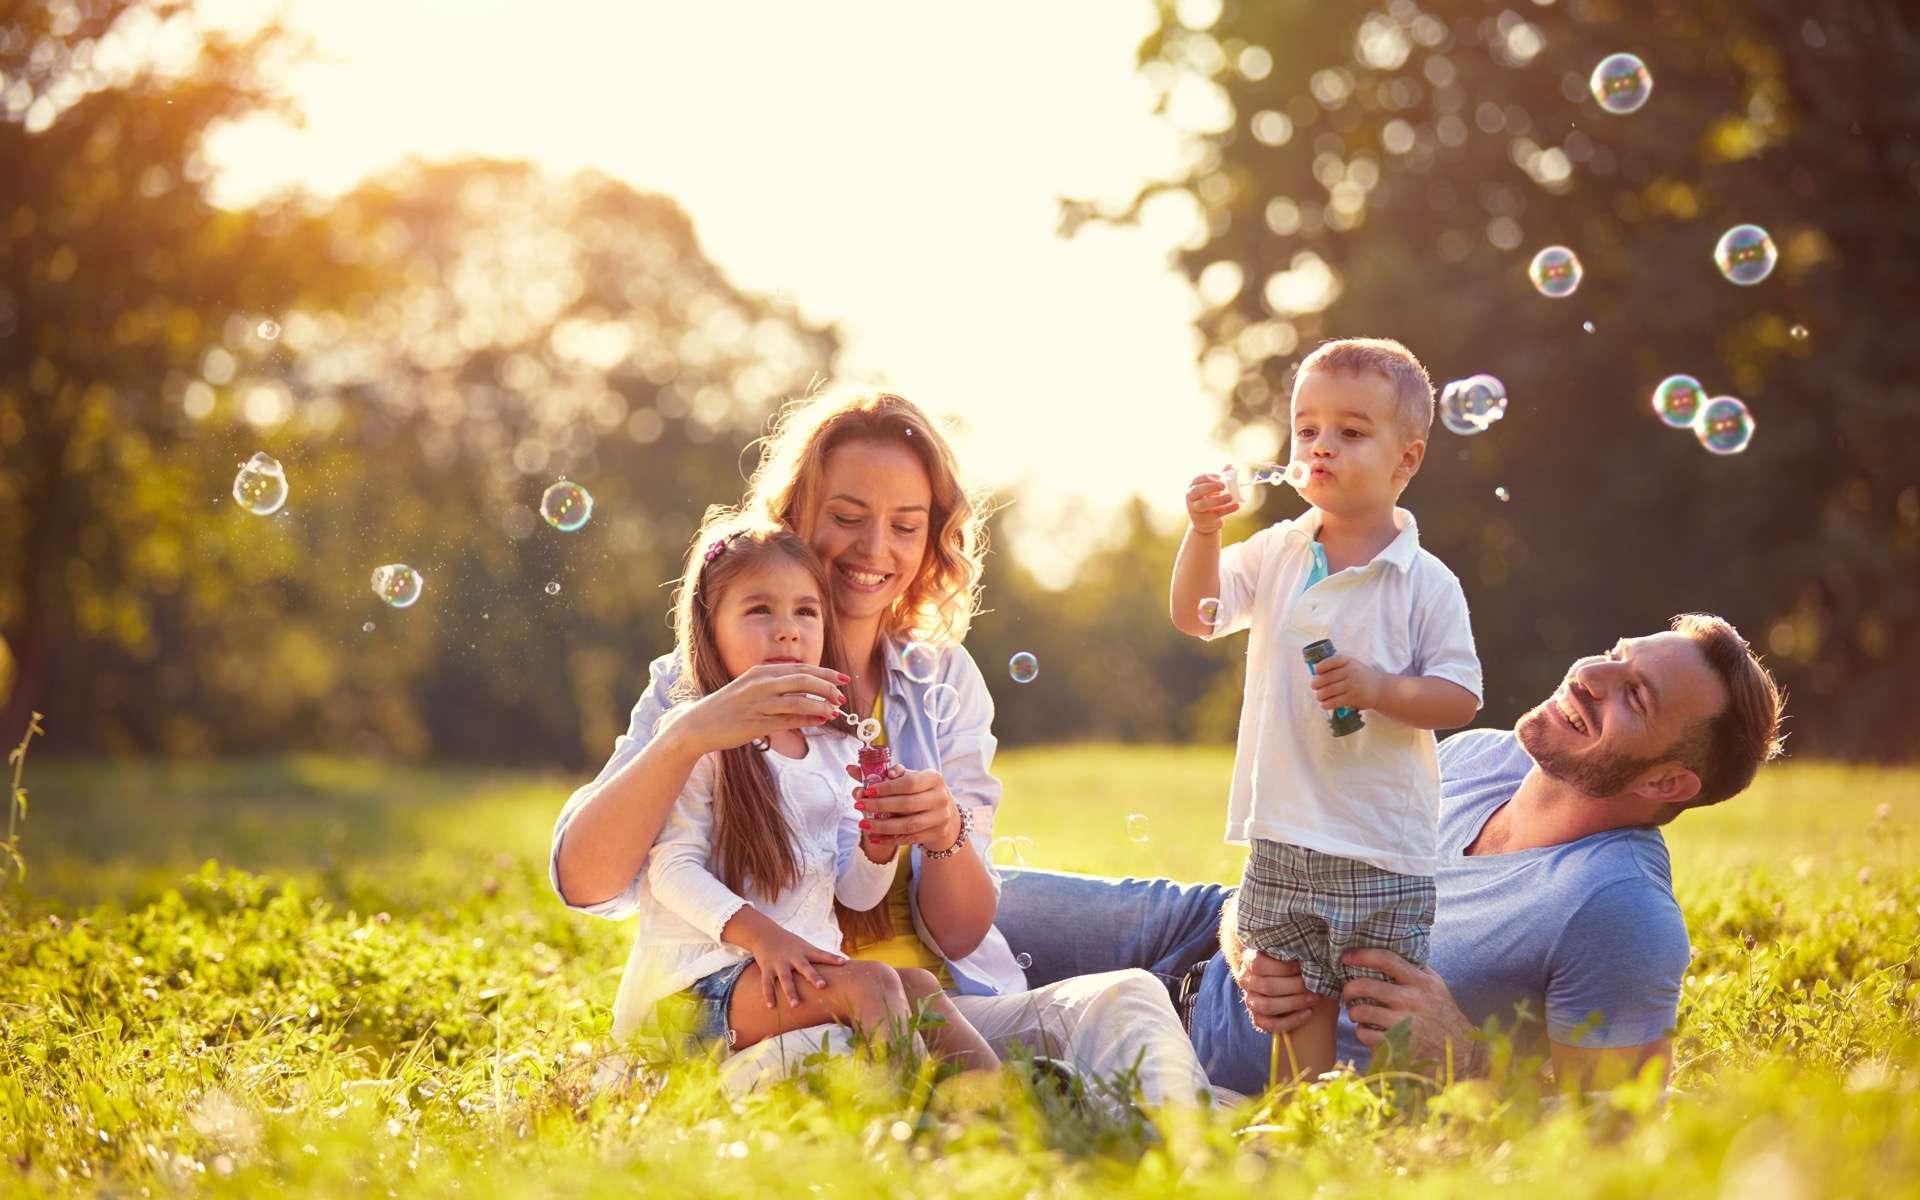 Pourquoi choisir une assurance santé en ligne ? © luckybusiness, Adobe Stock